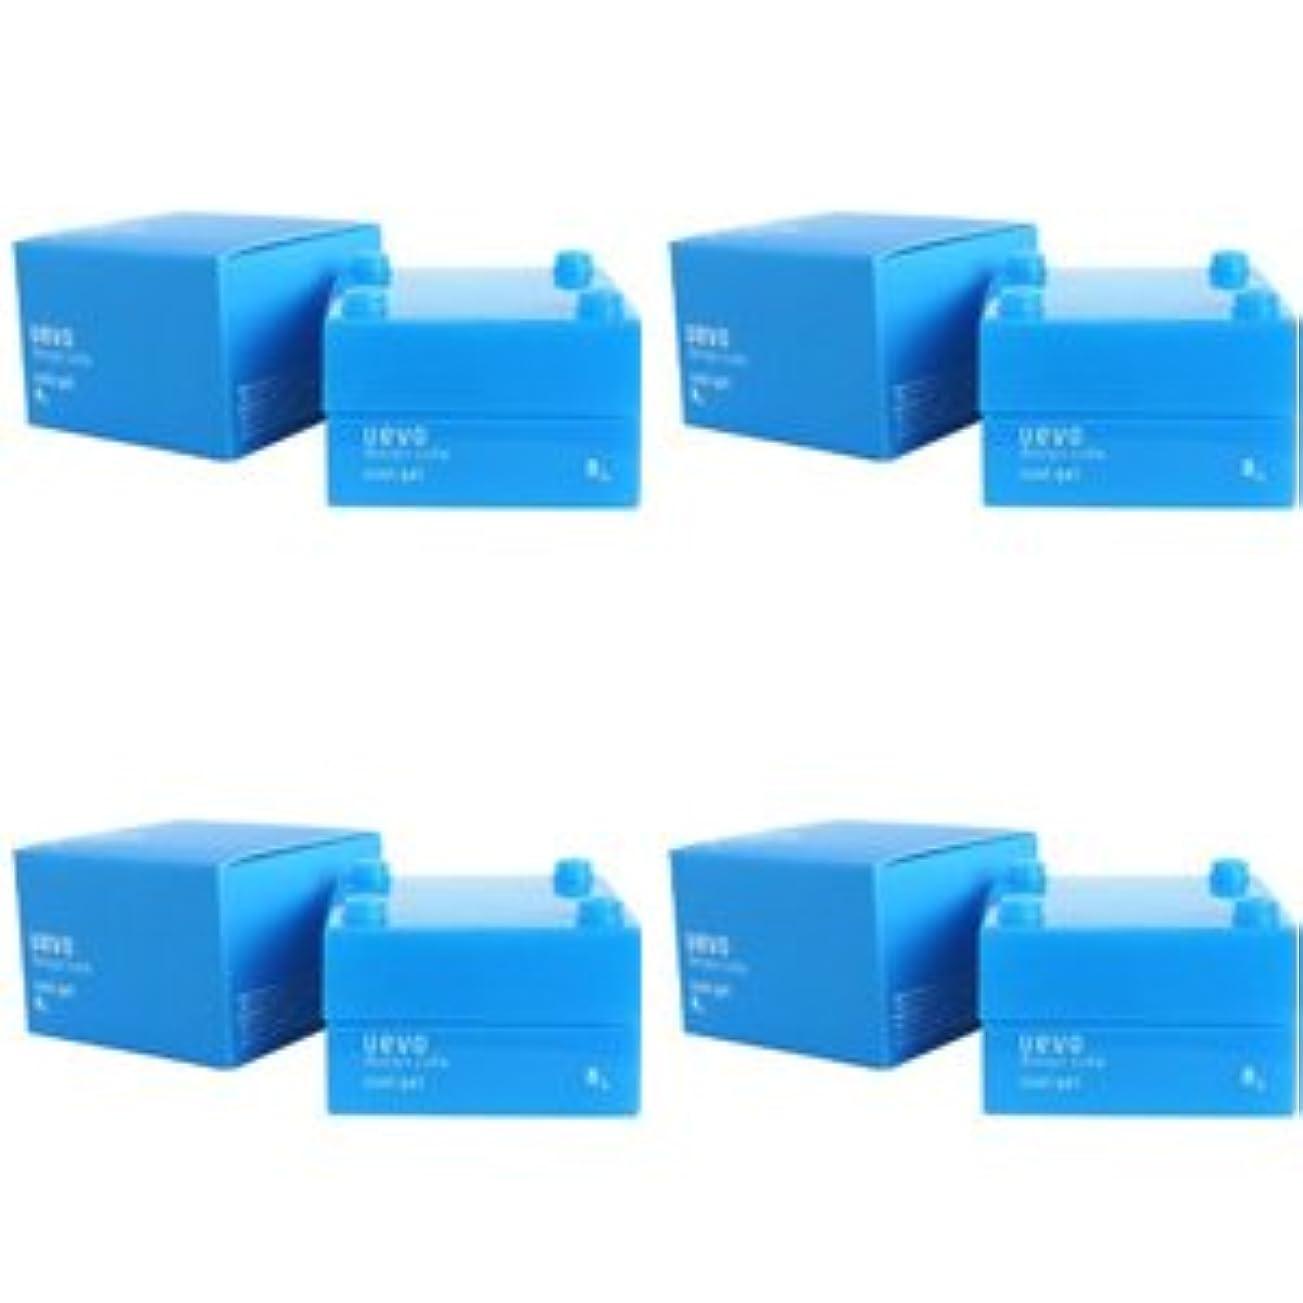 価格注釈を付ける説明する【X4個セット】 デミ ウェーボ デザインキューブ クールジェル 30g cool gel DEMI uevo design cube